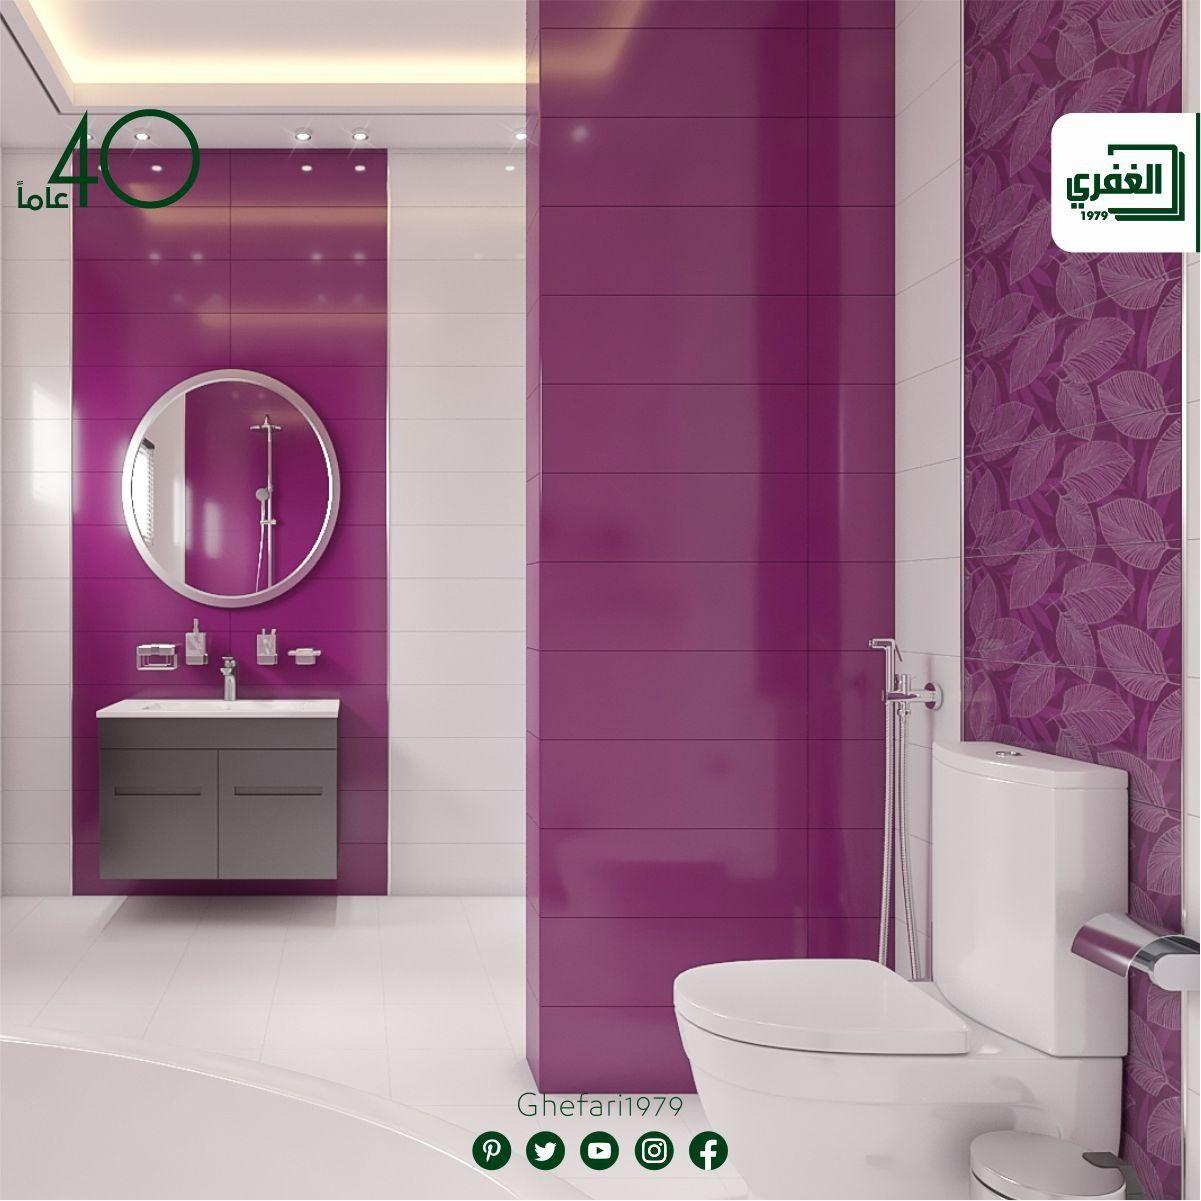 بلاط للاستخدام داخل الحمامات والمطابخ للمزيد زورونا على موقع الشركة Https Www Ghefari Com Ar Mood واتس اب 00972 Bathroom Mirror Bathroom Lighting Home Decor